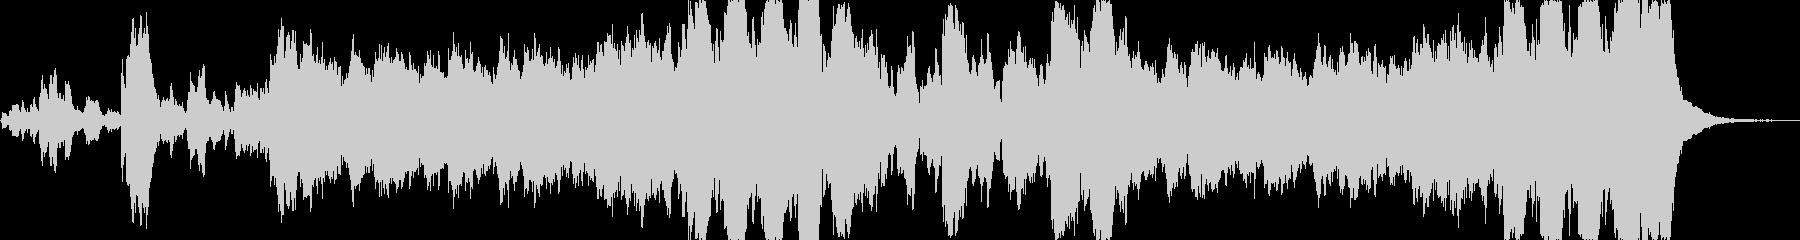 ヒーローの入場に適したオーケストラの未再生の波形